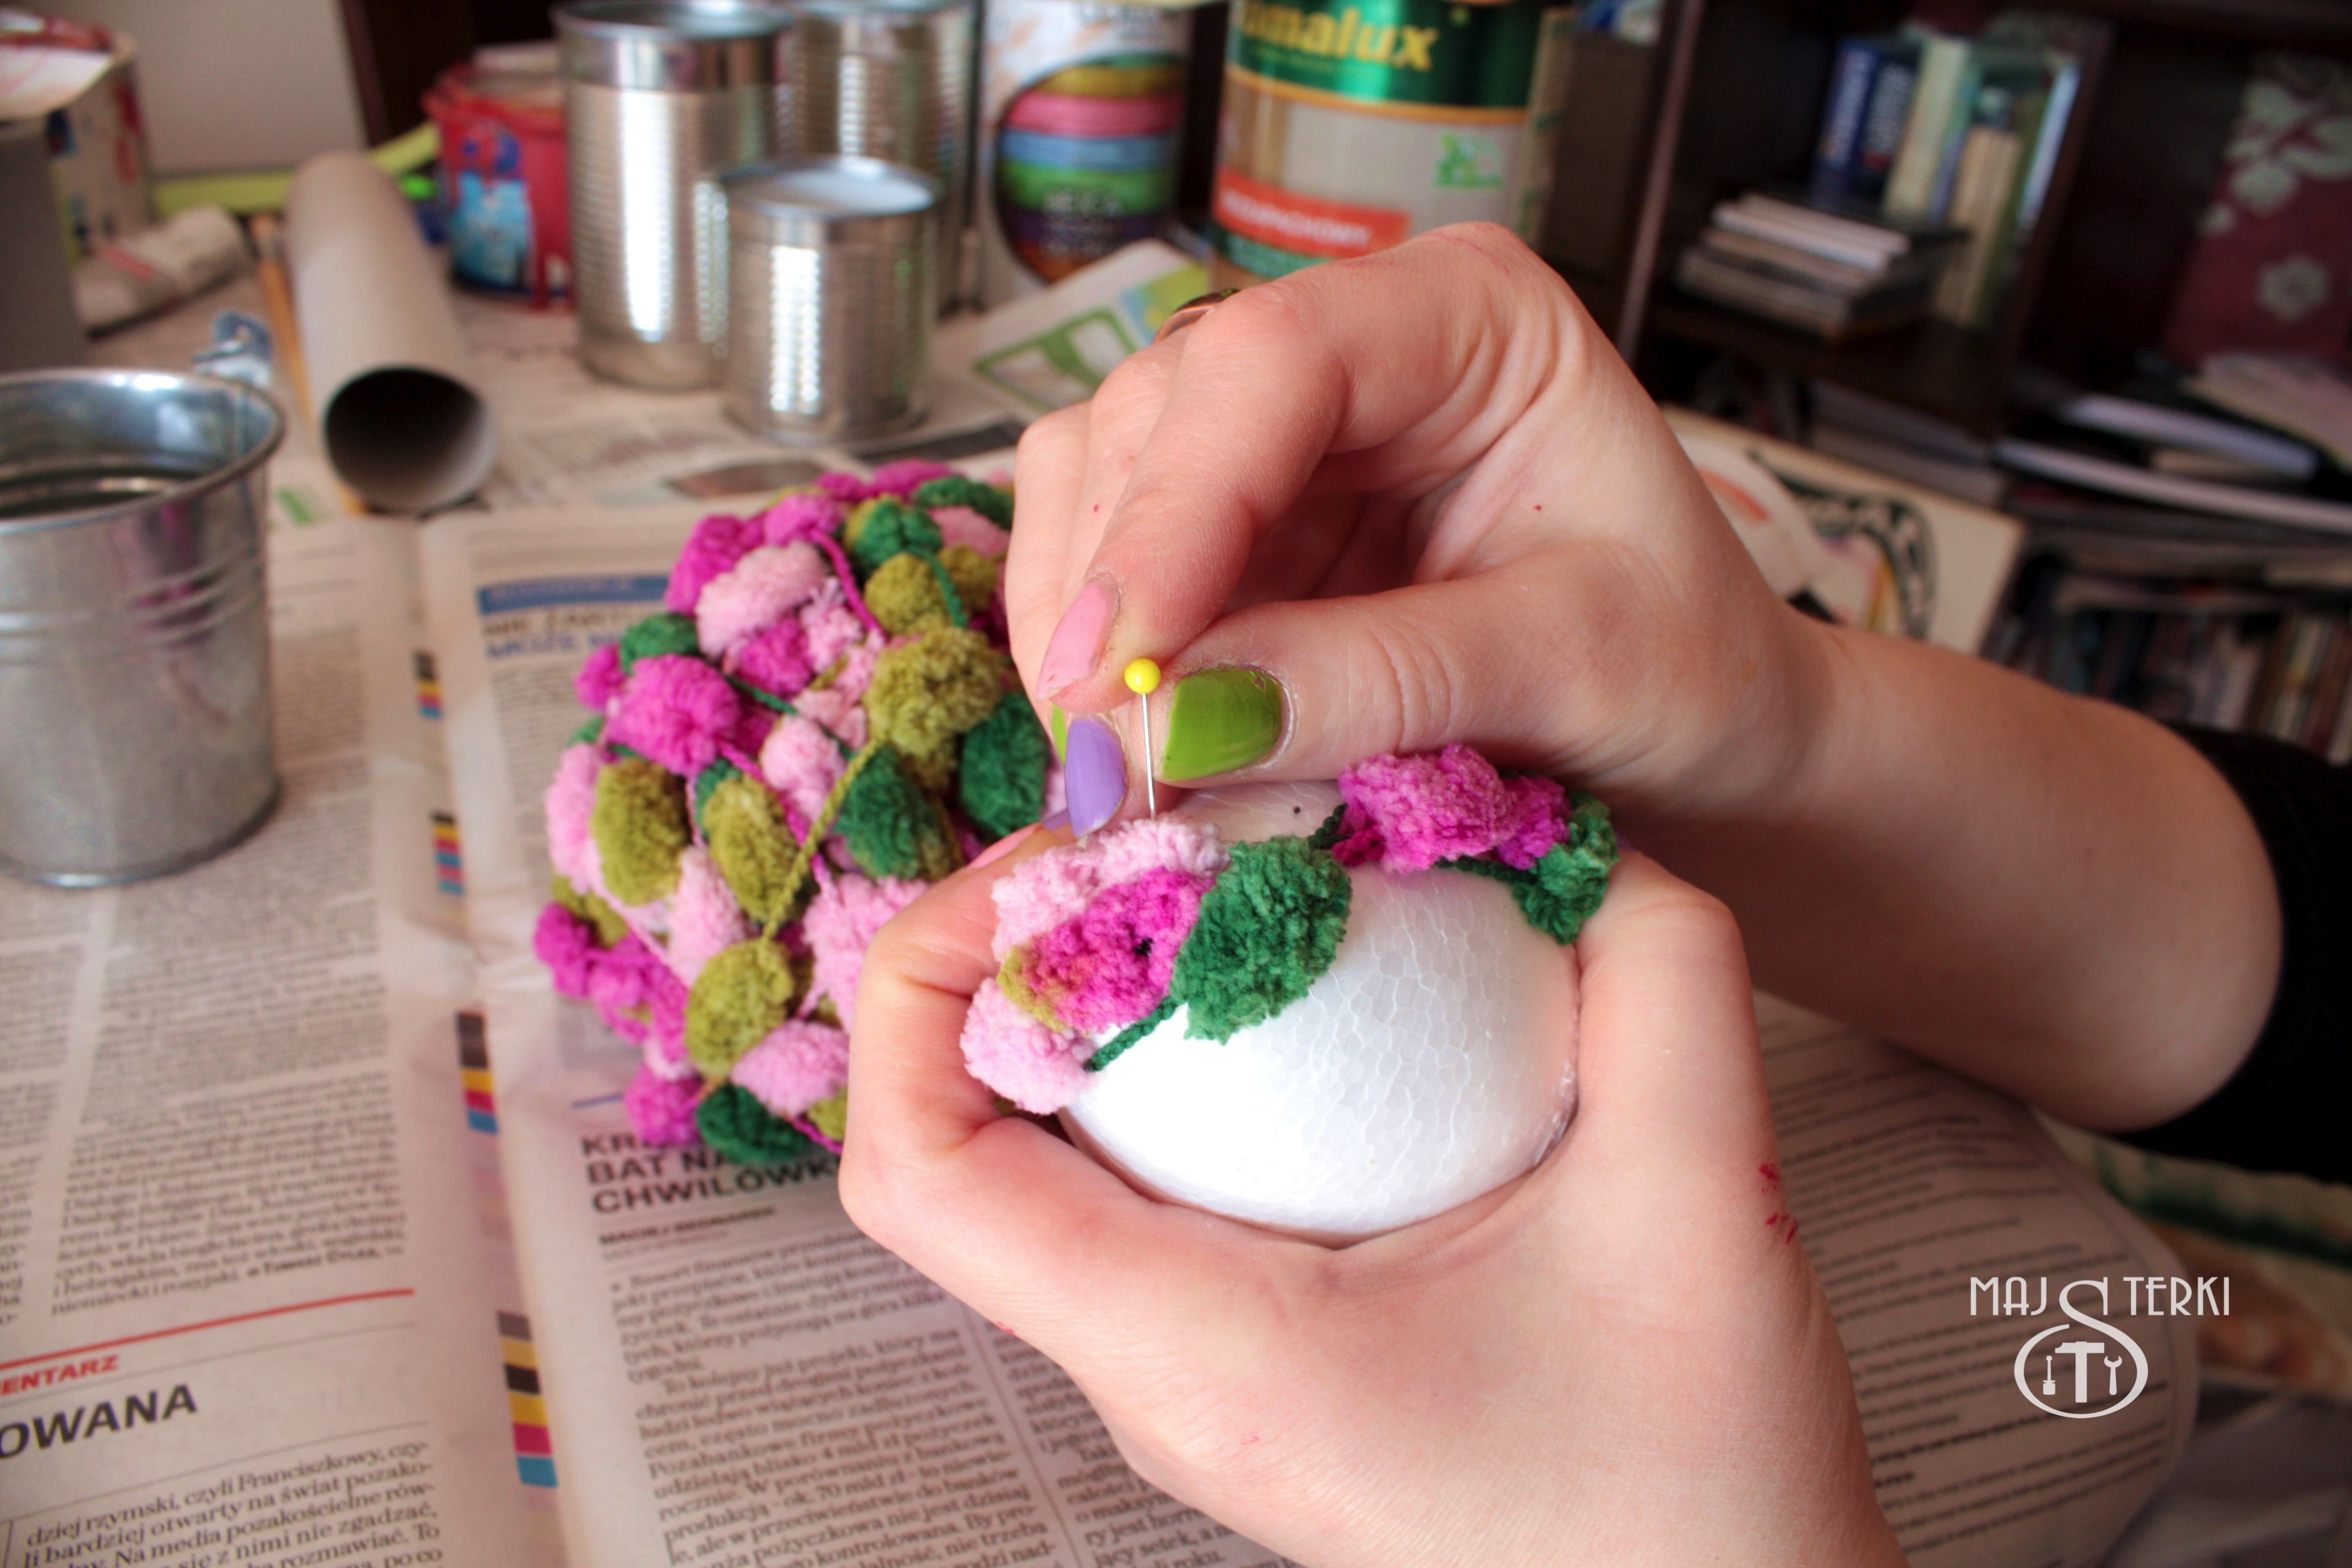 Majsterki Diy Zrób To Sam Jak To Zrobić Kolorowe Wielkanocne Drzewko